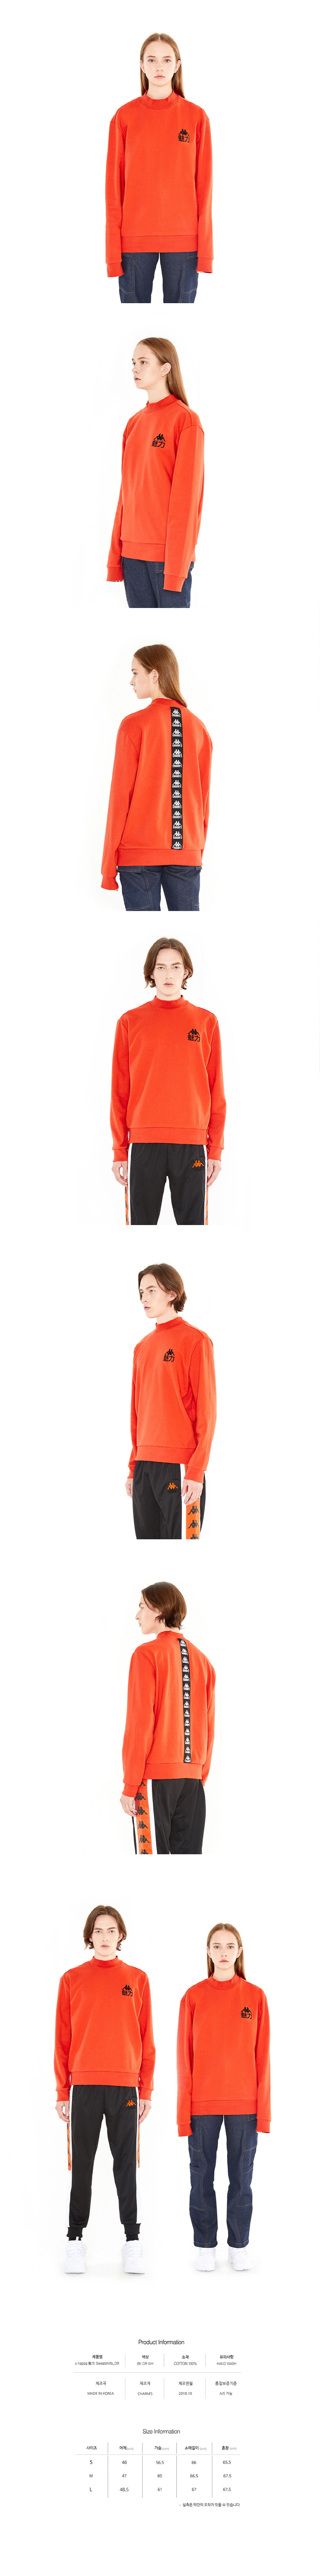 x Kappa 魅力 Sweatshirts_OR.jpg